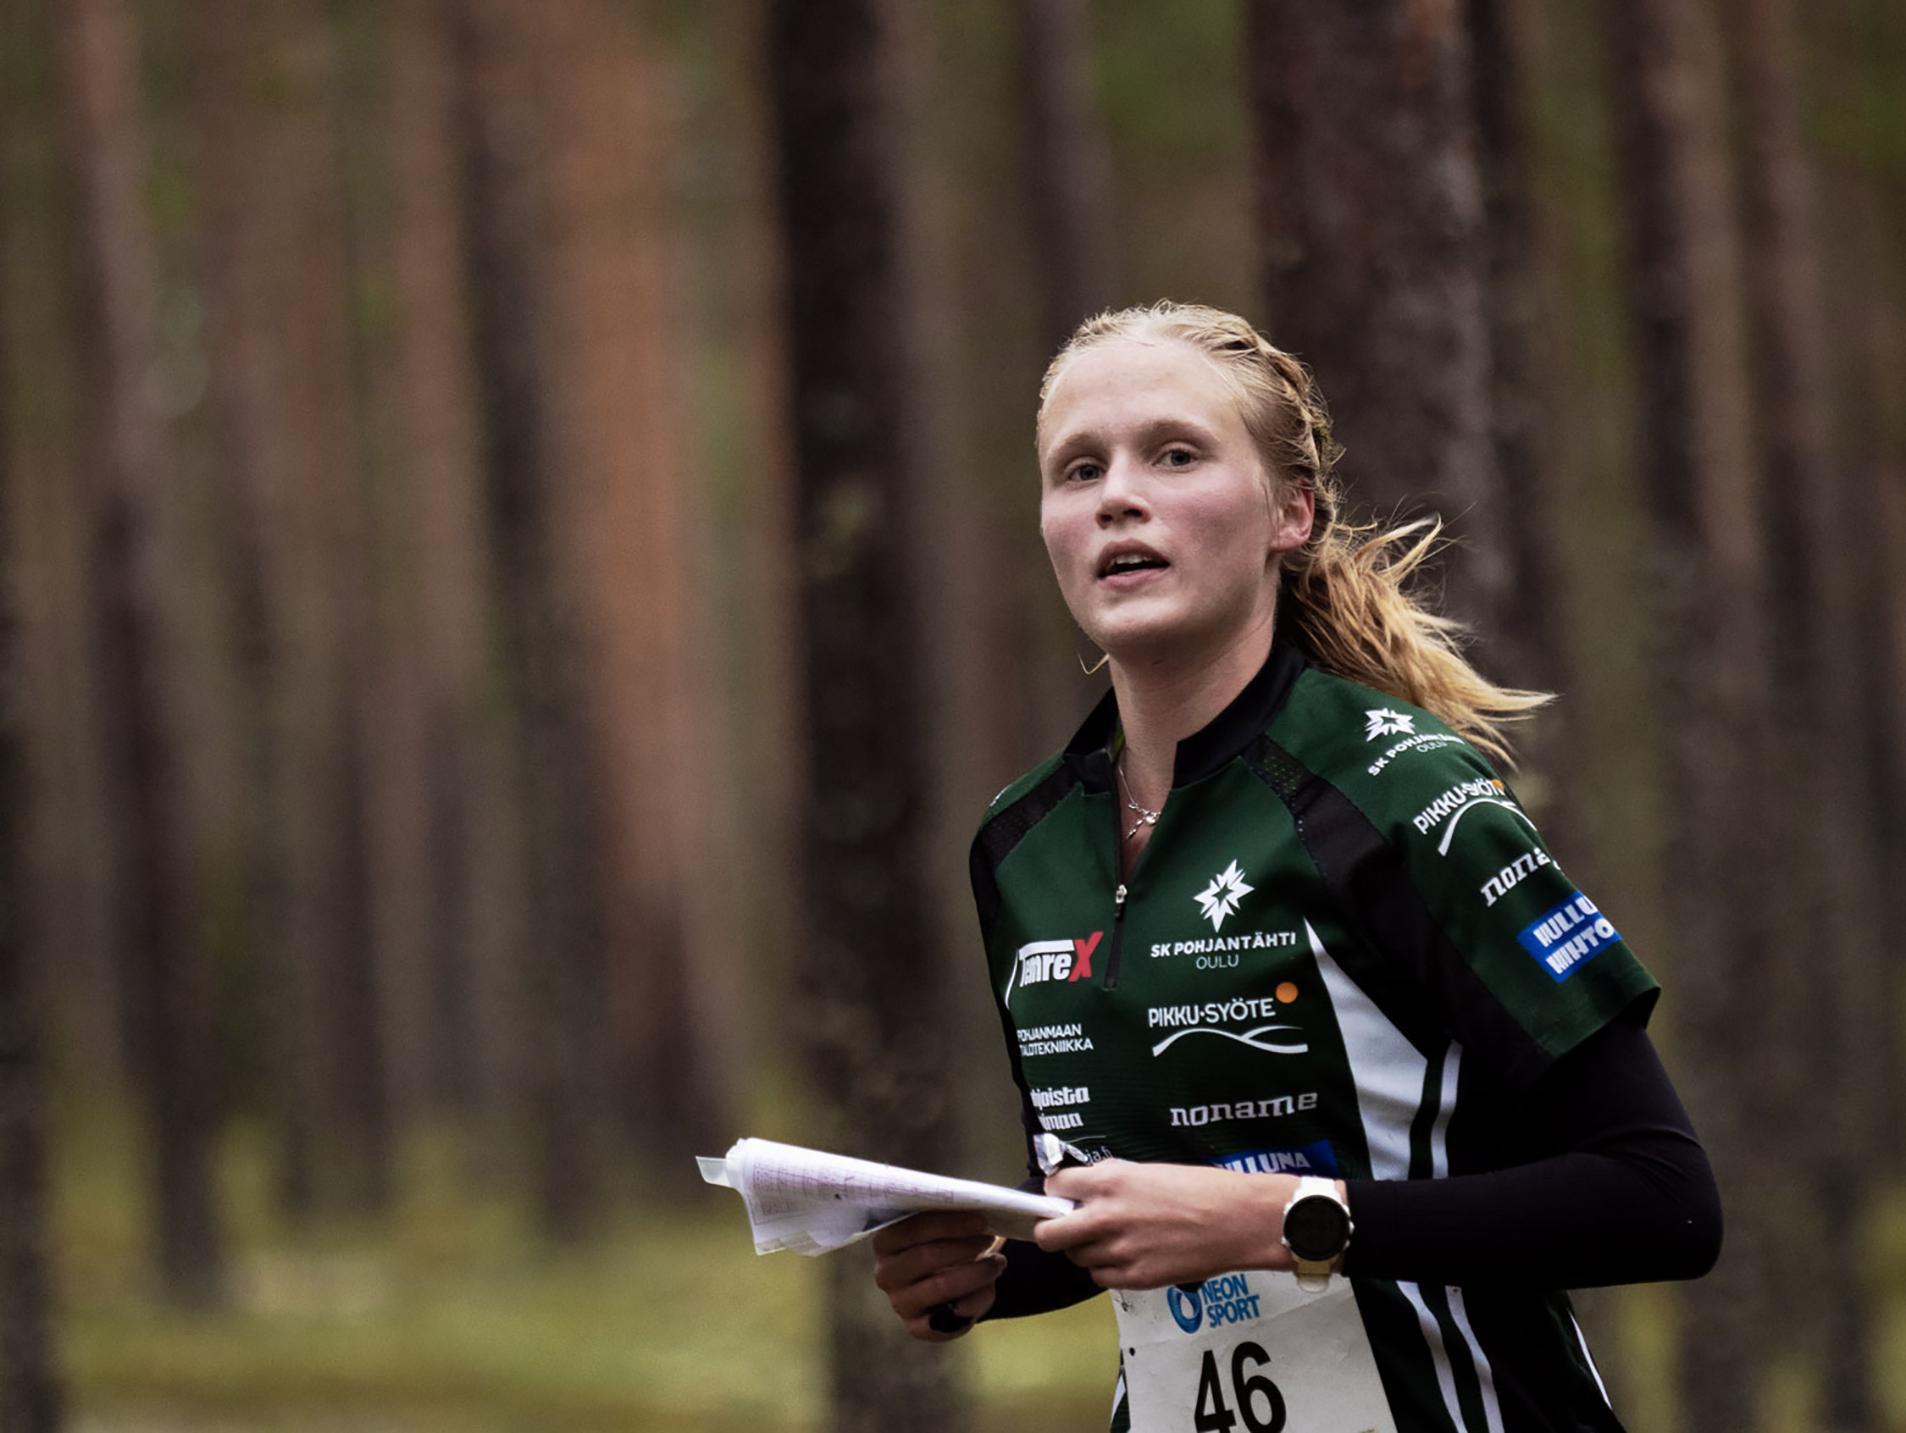 suomen seksitreffi sivusto haaparanta ruotsalaiset naiset etsii seksiä landskrona